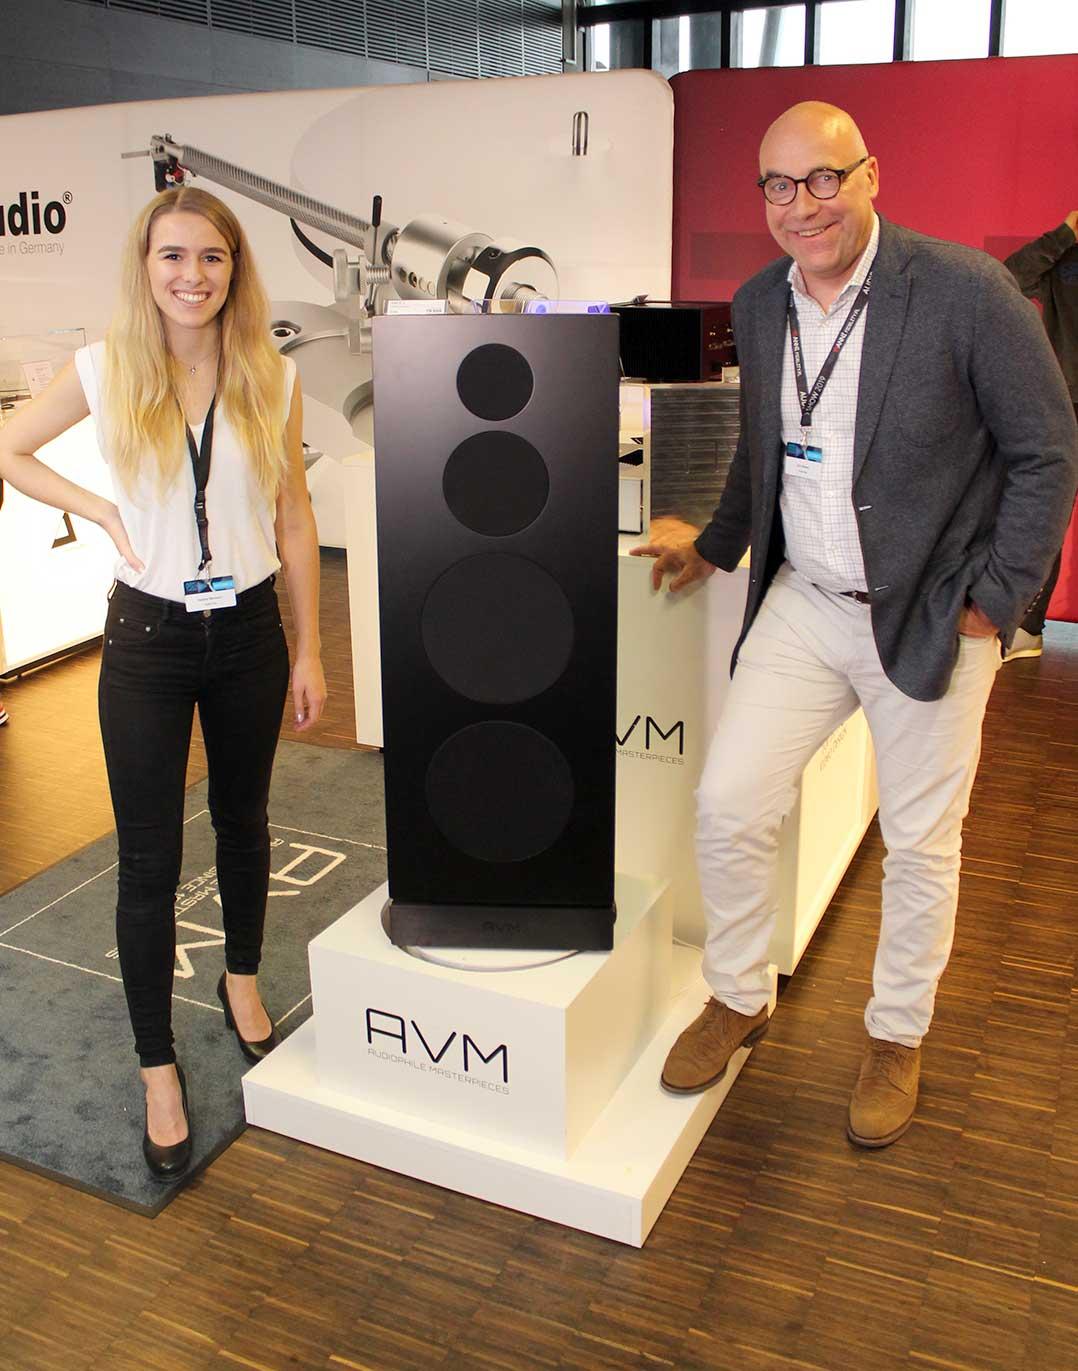 Helena Bermann und Udo Besser von AVM präsentierten unter anderem den Aktivlautsprecher AM 6.3